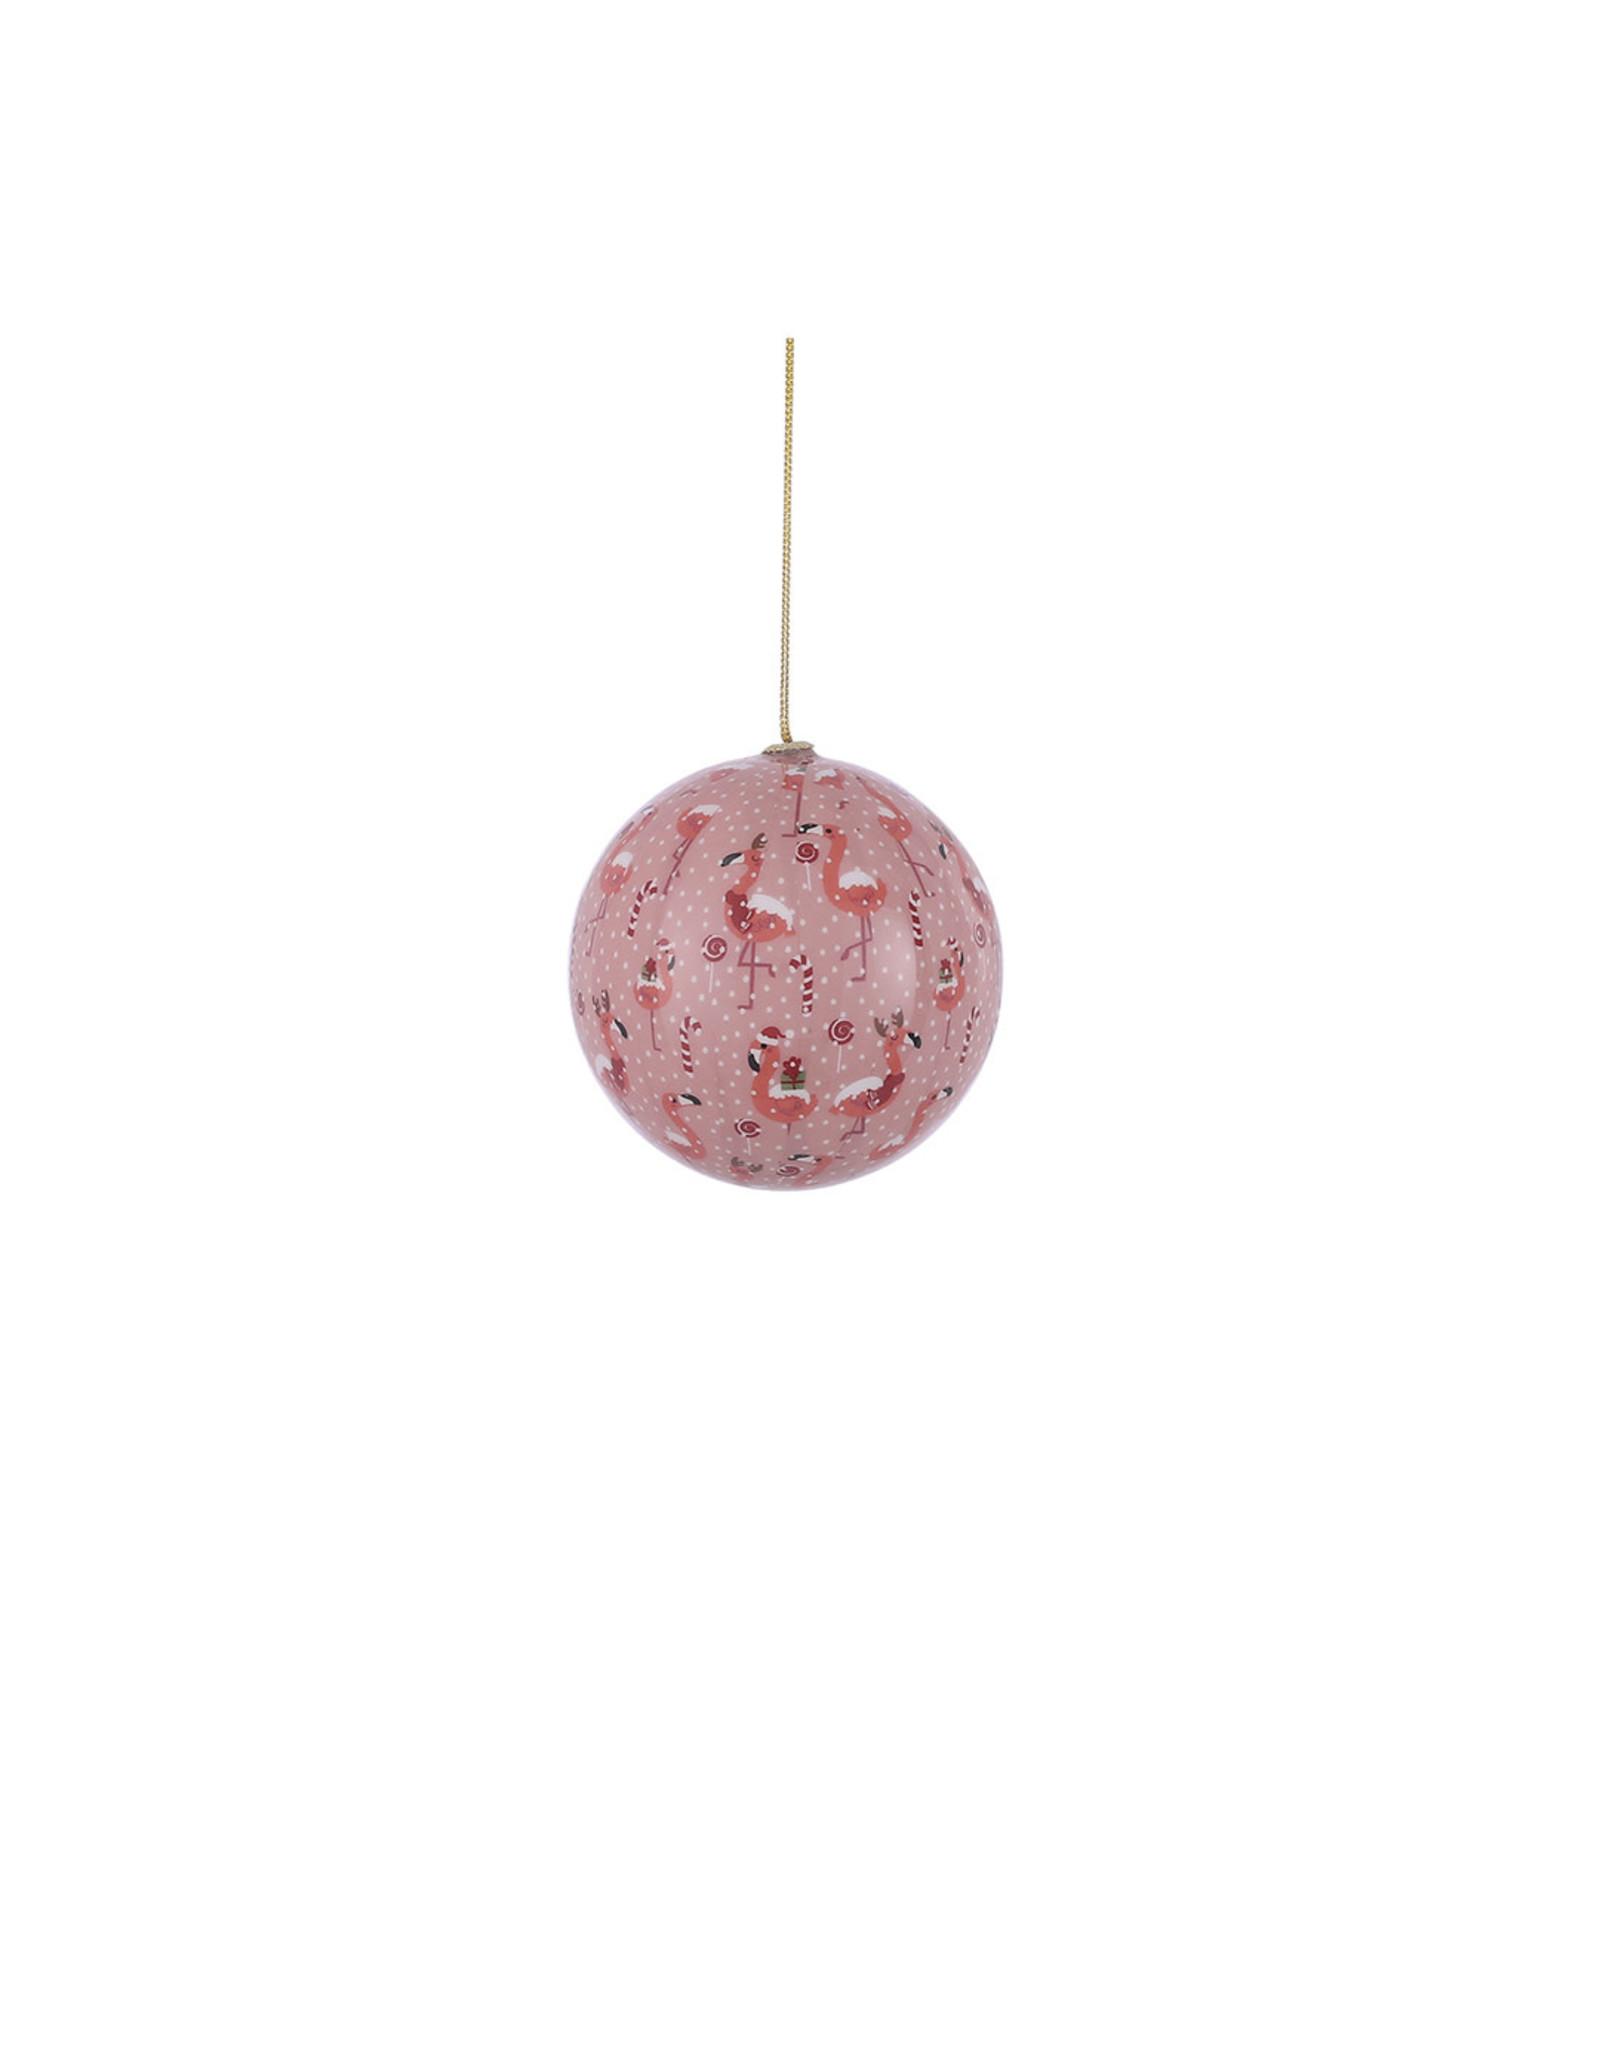 Bauble unbreakable flamingo pink - d10cm